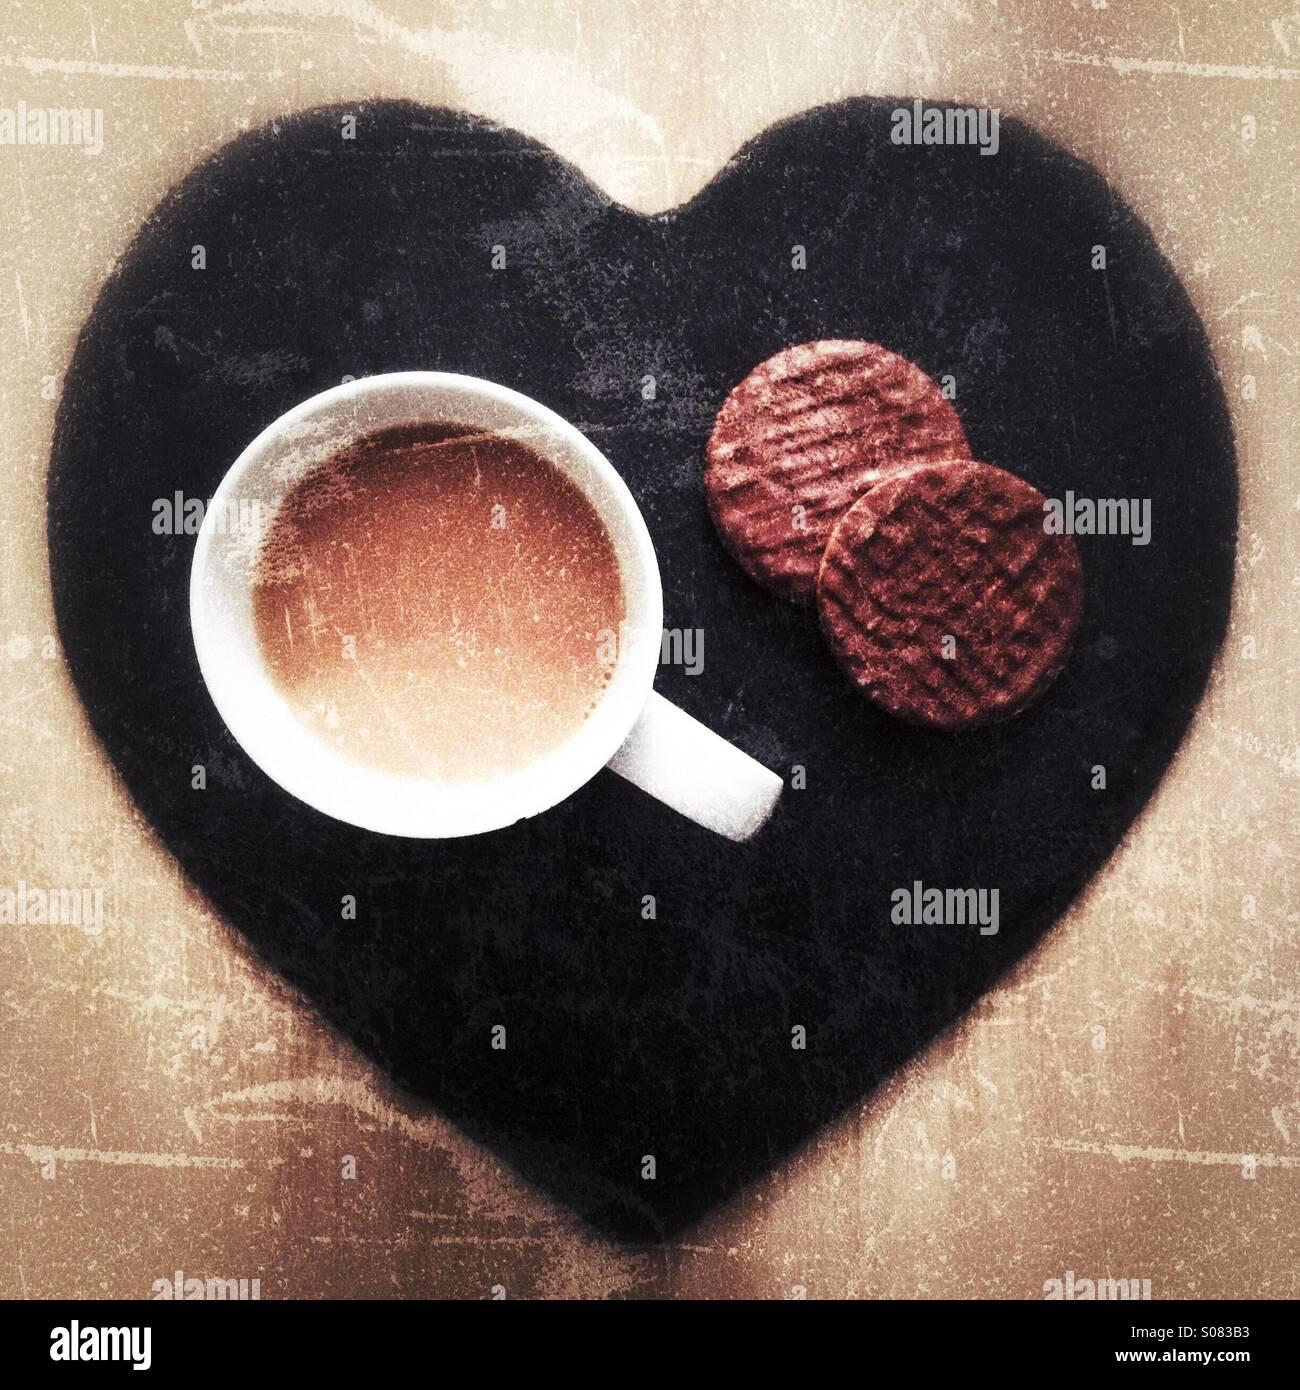 Una taza de té de ingenio dos galletas de chocolate sentados en una pizarra de amor el corazón. Imagen De Stock